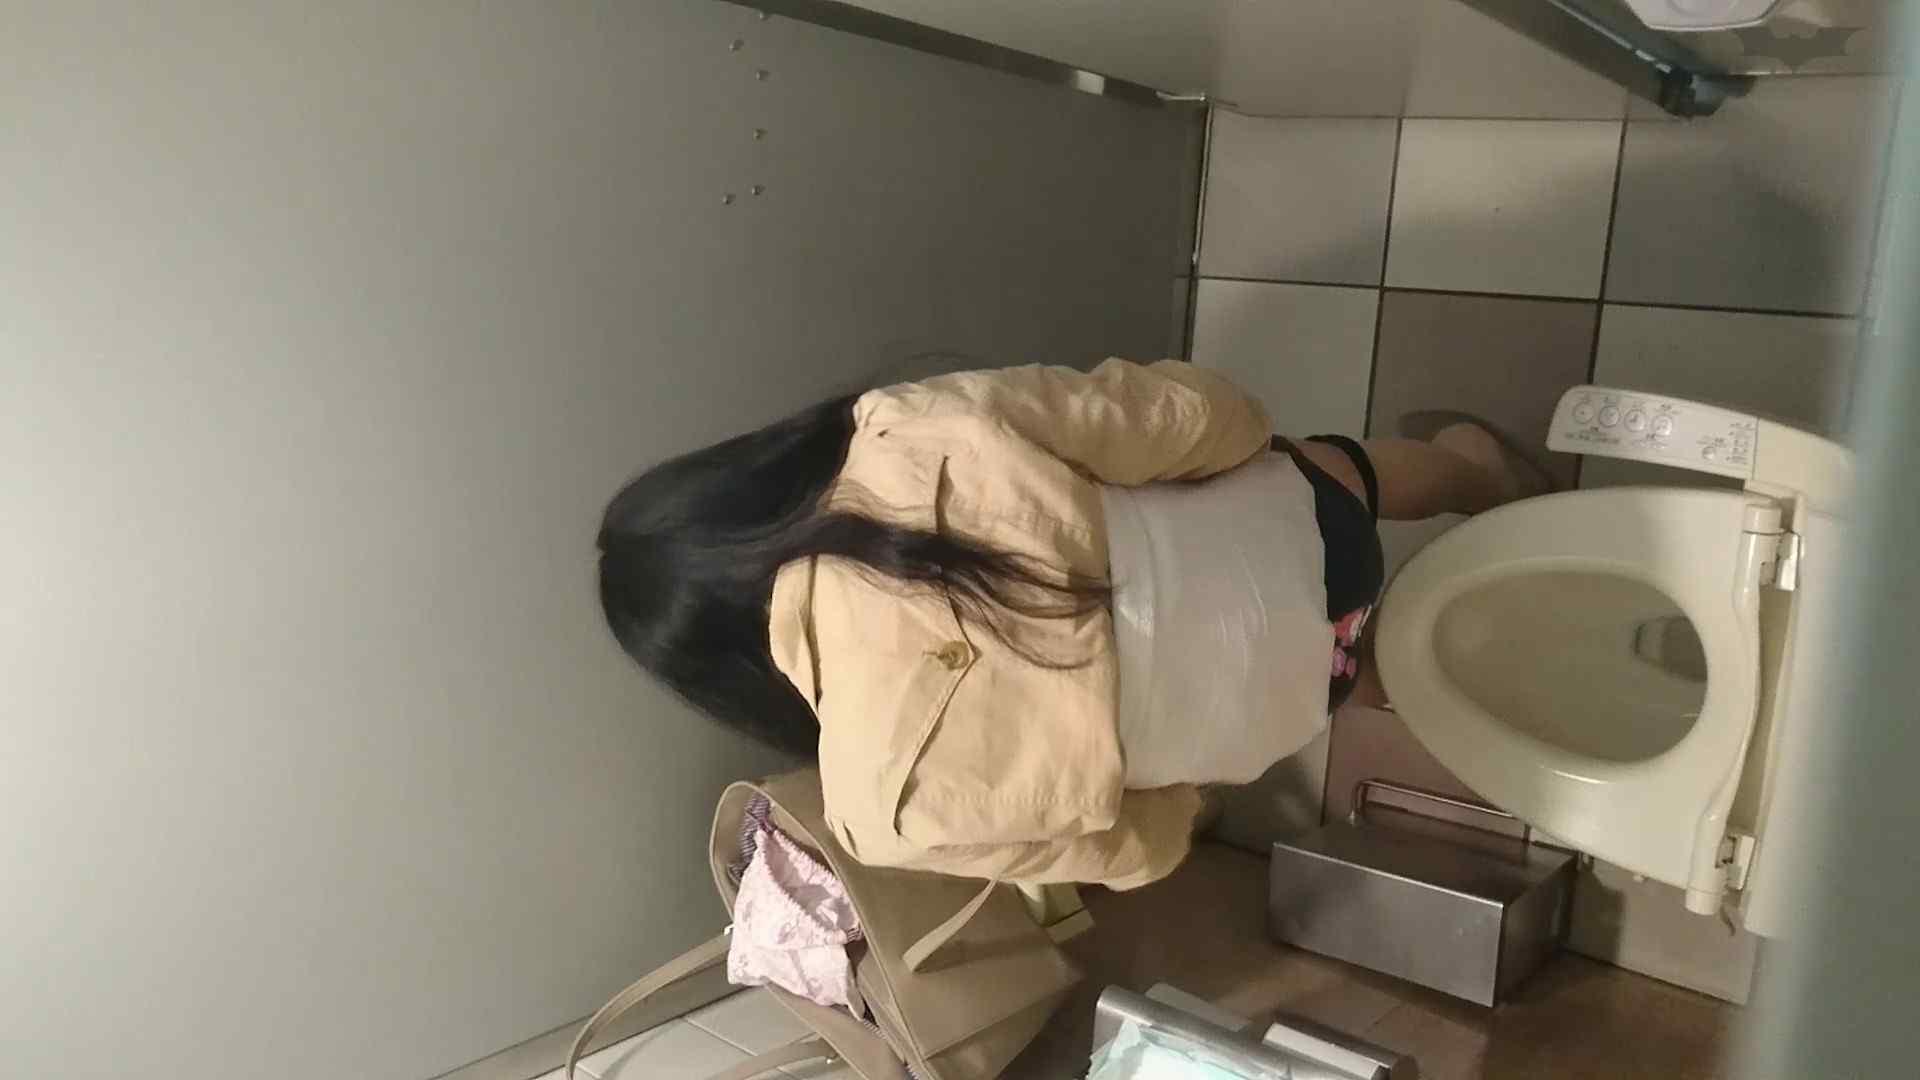 化粧室絵巻 ショッピングモール編 VOL.19 OL  93pic 36